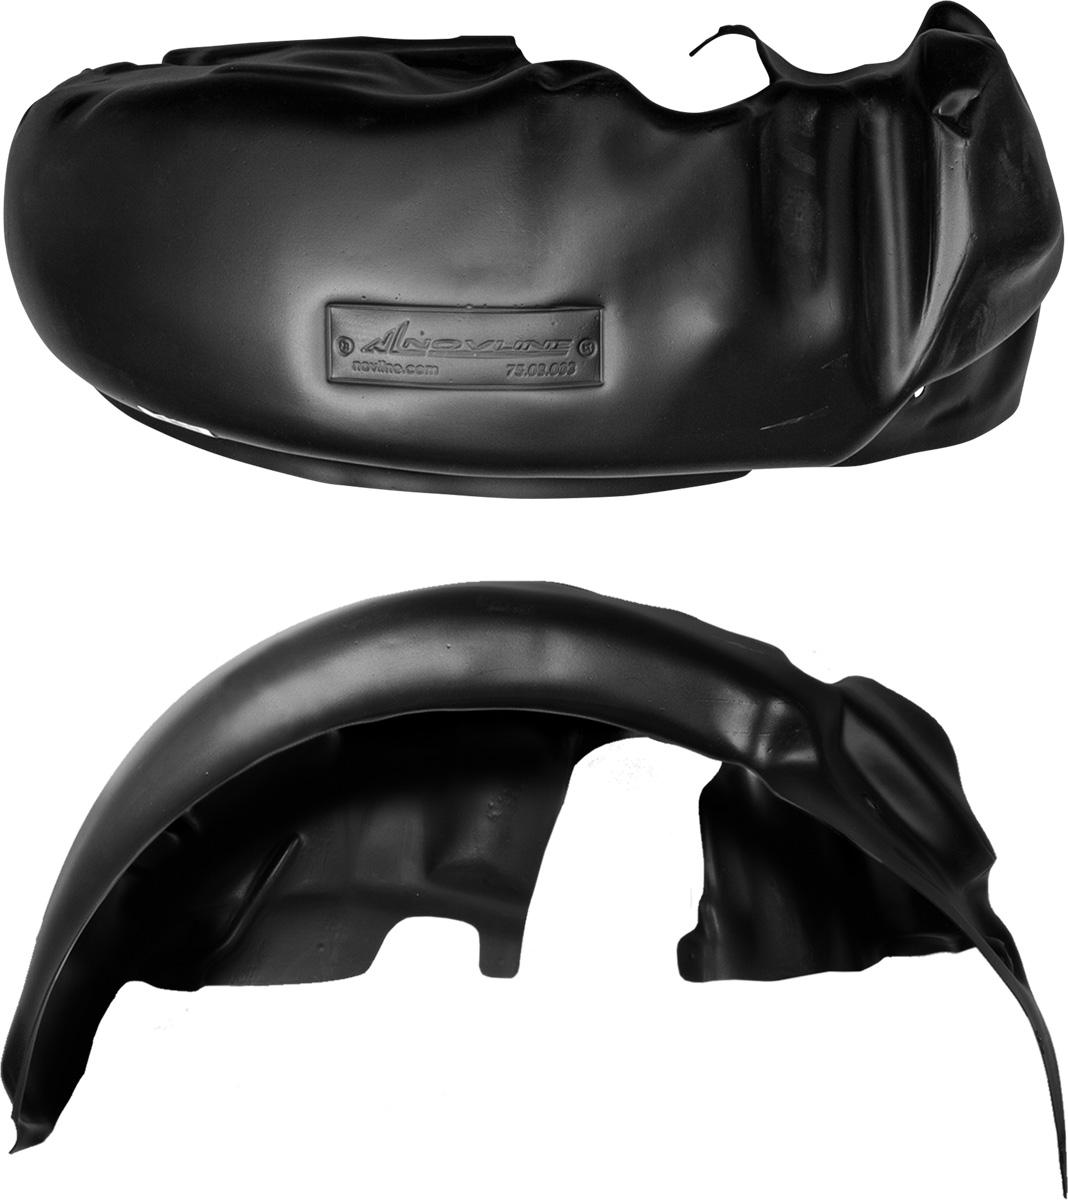 Подкрылок Novline-Autofamily, для Nissan Almera, 2012->, задний правыйNLL.36.37.004Колесные ниши - одни из самых уязвимых зон днища вашего автомобиля. Они постоянно подвергаются воздействию со стороны дороги. Лучшая, почти абсолютная защита для них - специально отформованные пластиковые кожухи, которые называются подкрылками. Производятся они как для отечественных моделей автомобилей, так и для иномарок. Подкрылки Novline-Autofamily выполнены из высококачественного, экологически чистого пластика. Обеспечивают надежную защиту кузова автомобиля от пескоструйного эффекта и негативного влияния, агрессивных антигололедных реагентов. Пластик обладает более низкой теплопроводностью, чем металл, поэтому в зимний период эксплуатации использование пластиковых подкрылков позволяет лучше защитить колесные ниши от налипания снега и образования наледи. Оригинальность конструкции подчеркивает элегантность автомобиля, бережно защищает нанесенное на днище кузова антикоррозийное покрытие и позволяет осуществить крепление подкрылков внутри колесной арки практически без...